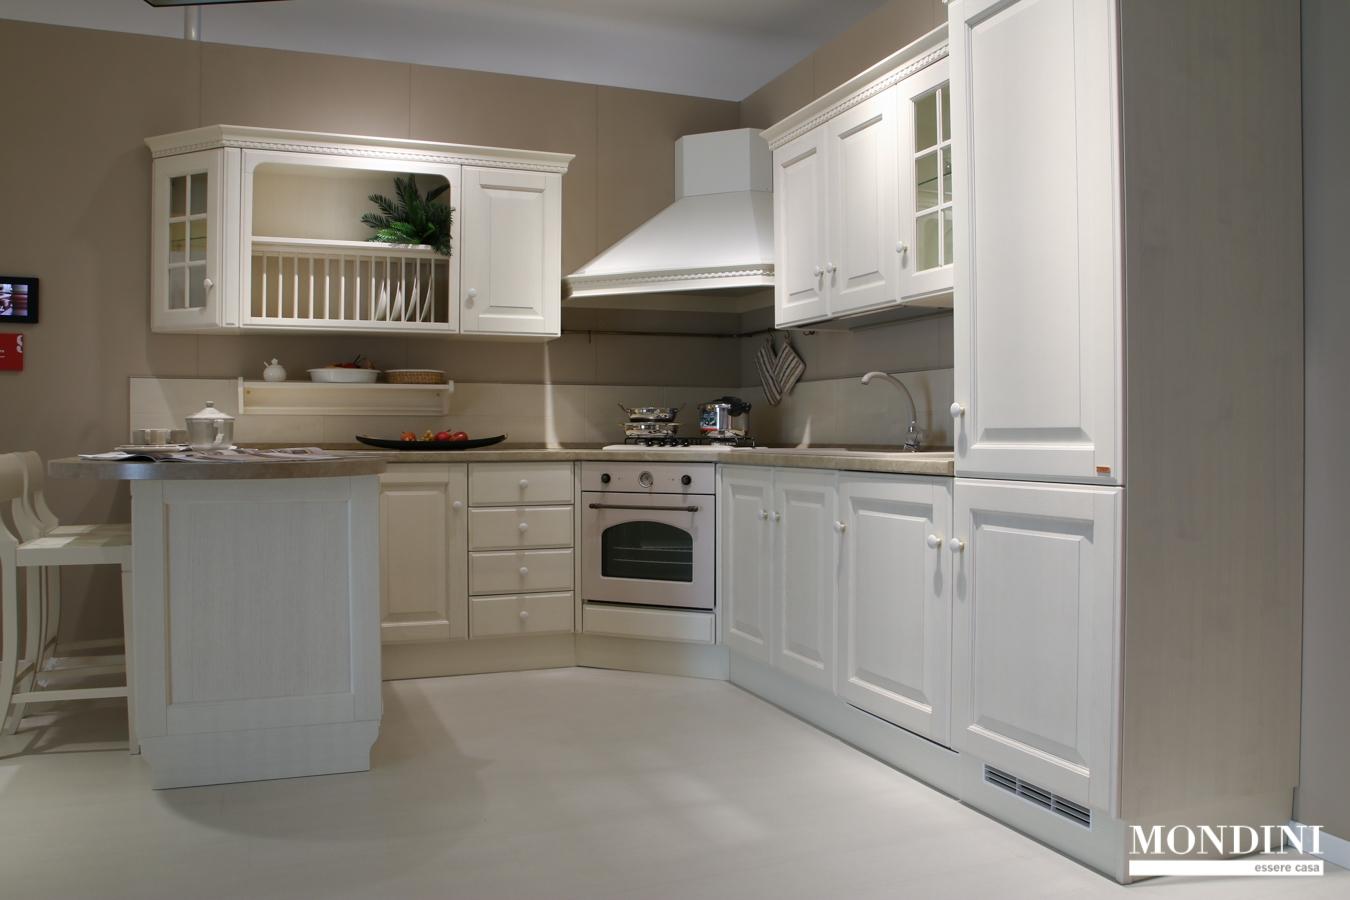 Cucina con penisola scavolini modello baltimora scontata - Ikea penisola cucina ...